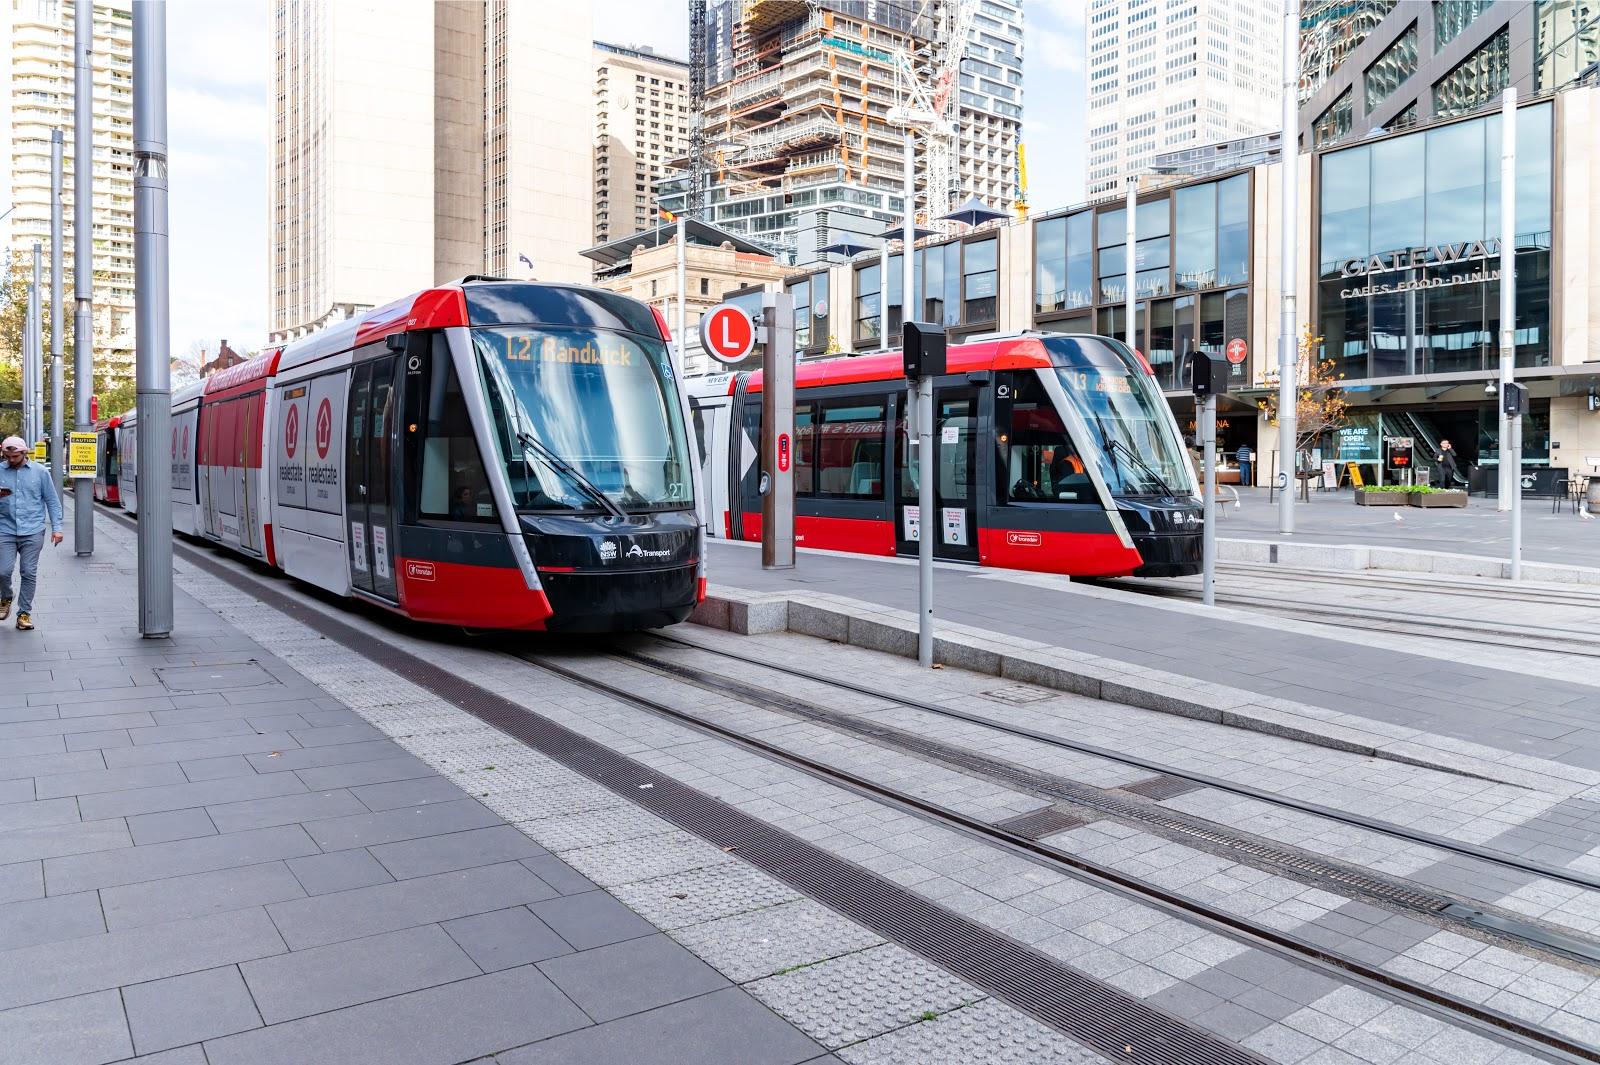 Tramline in Sydney